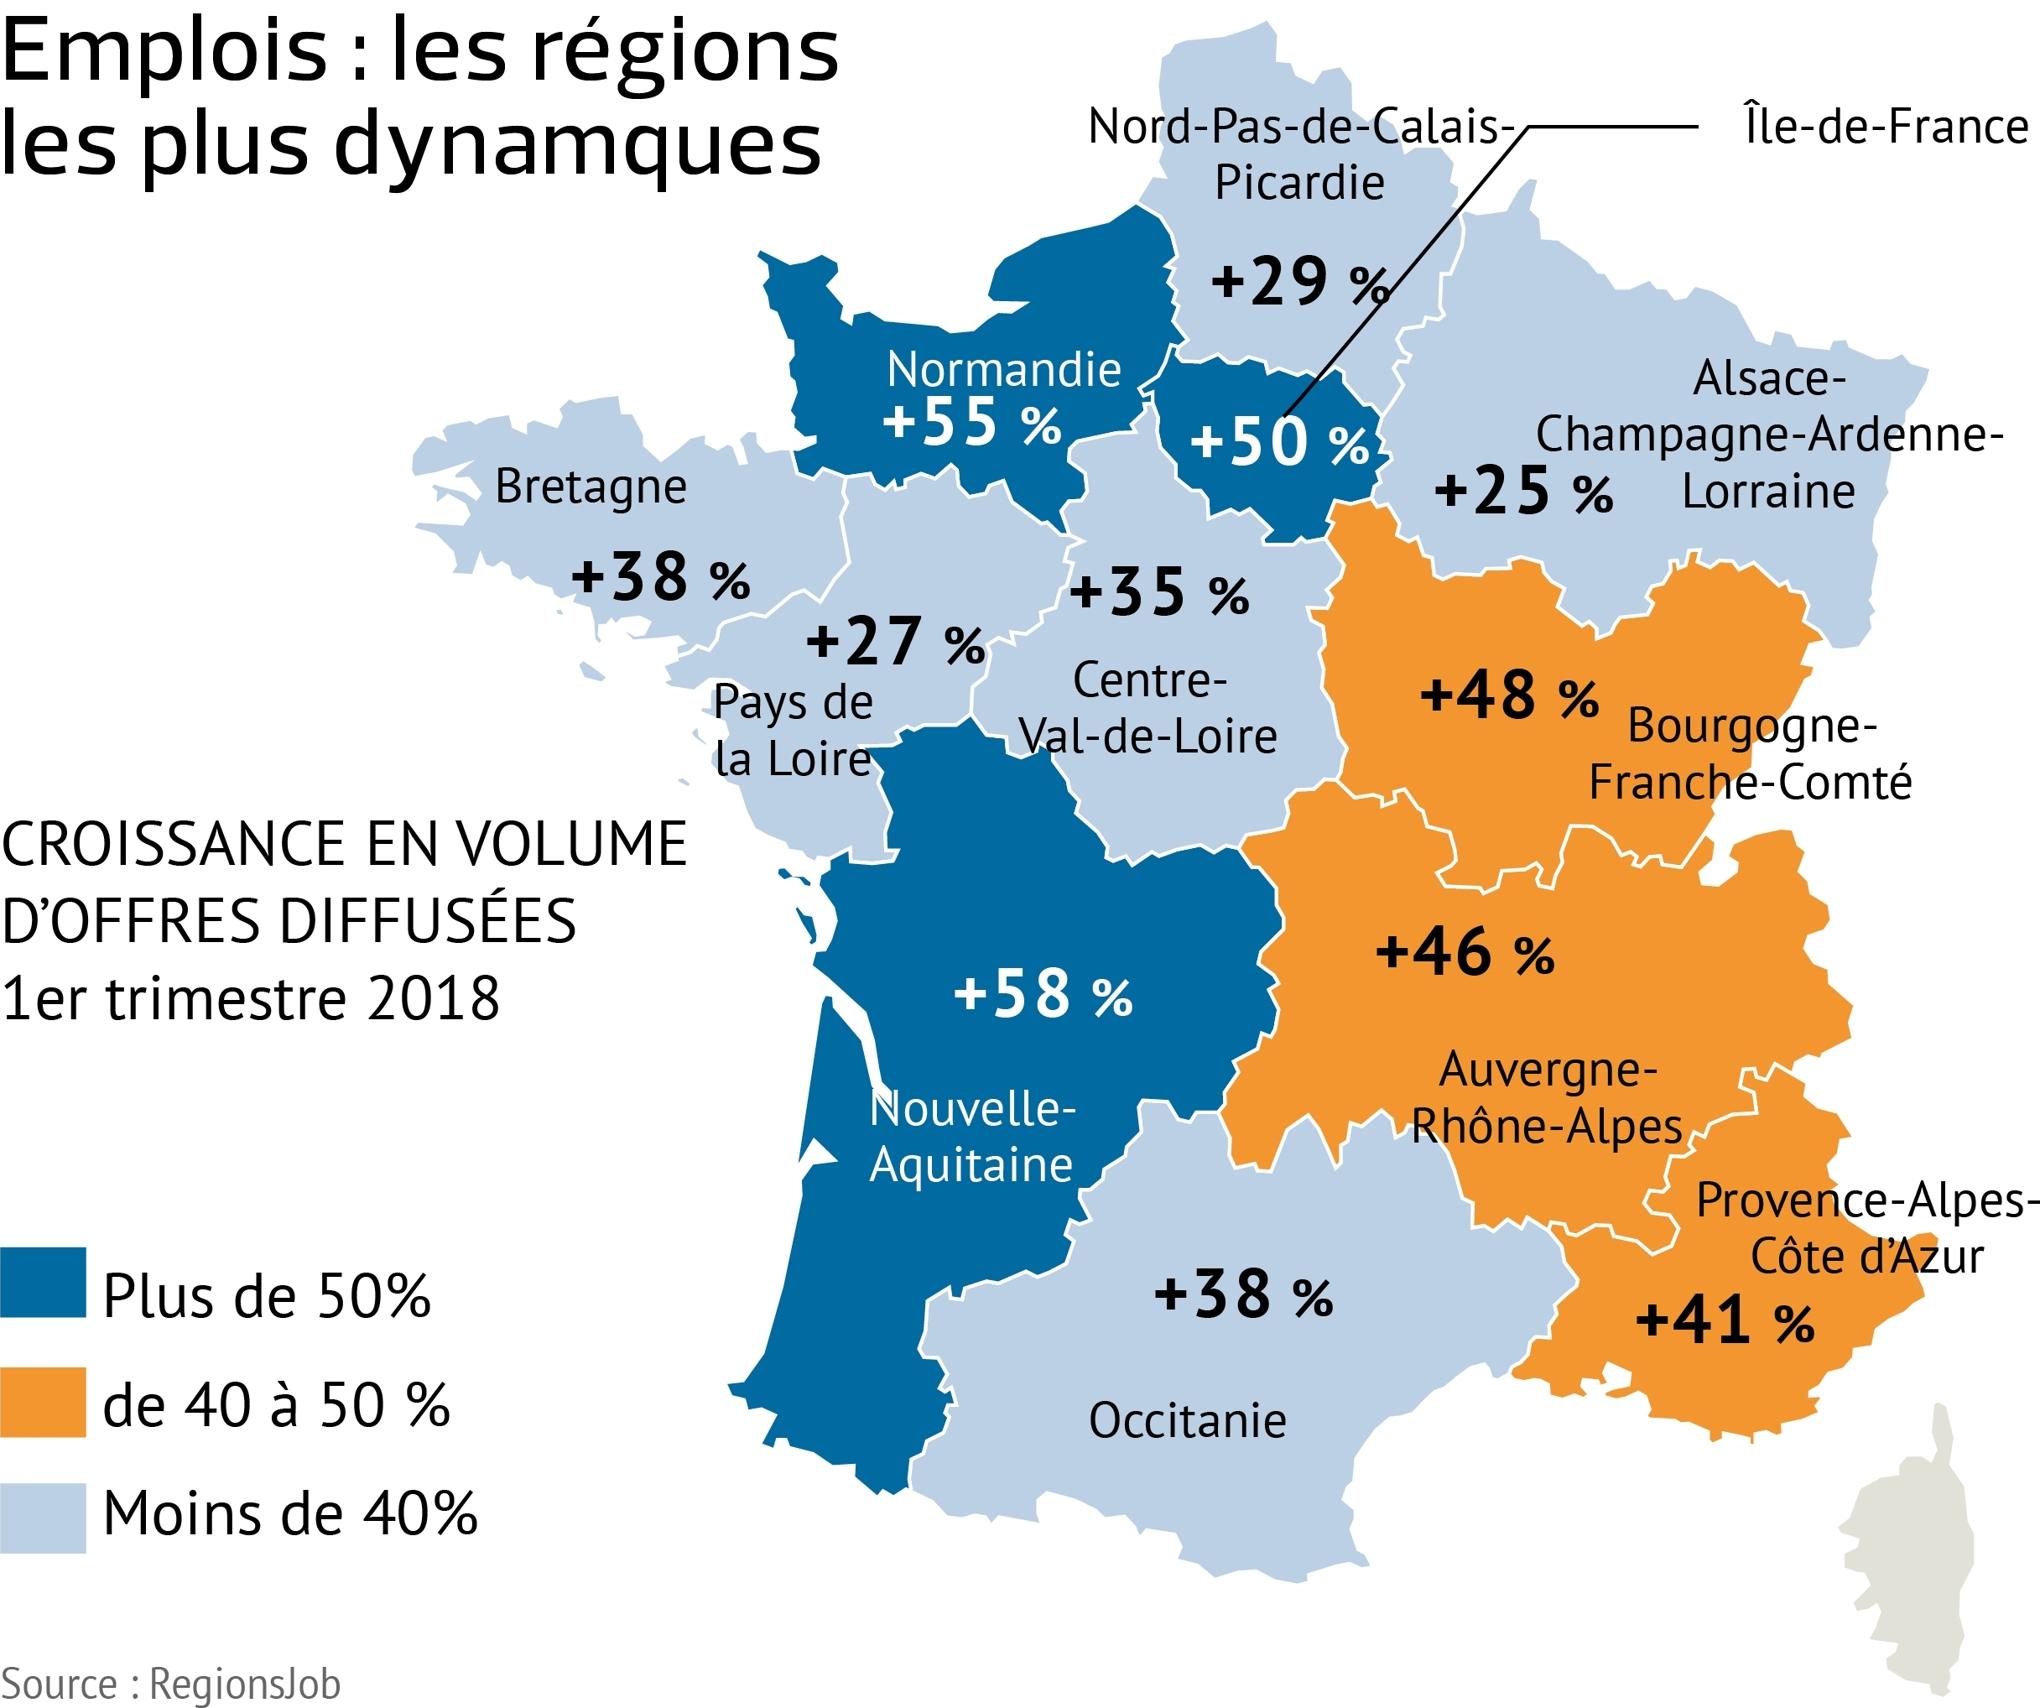 Offres D'emploi: Les Régions Françaises Les Plus Dynamiques concernant Nombre De Régions En France 2017